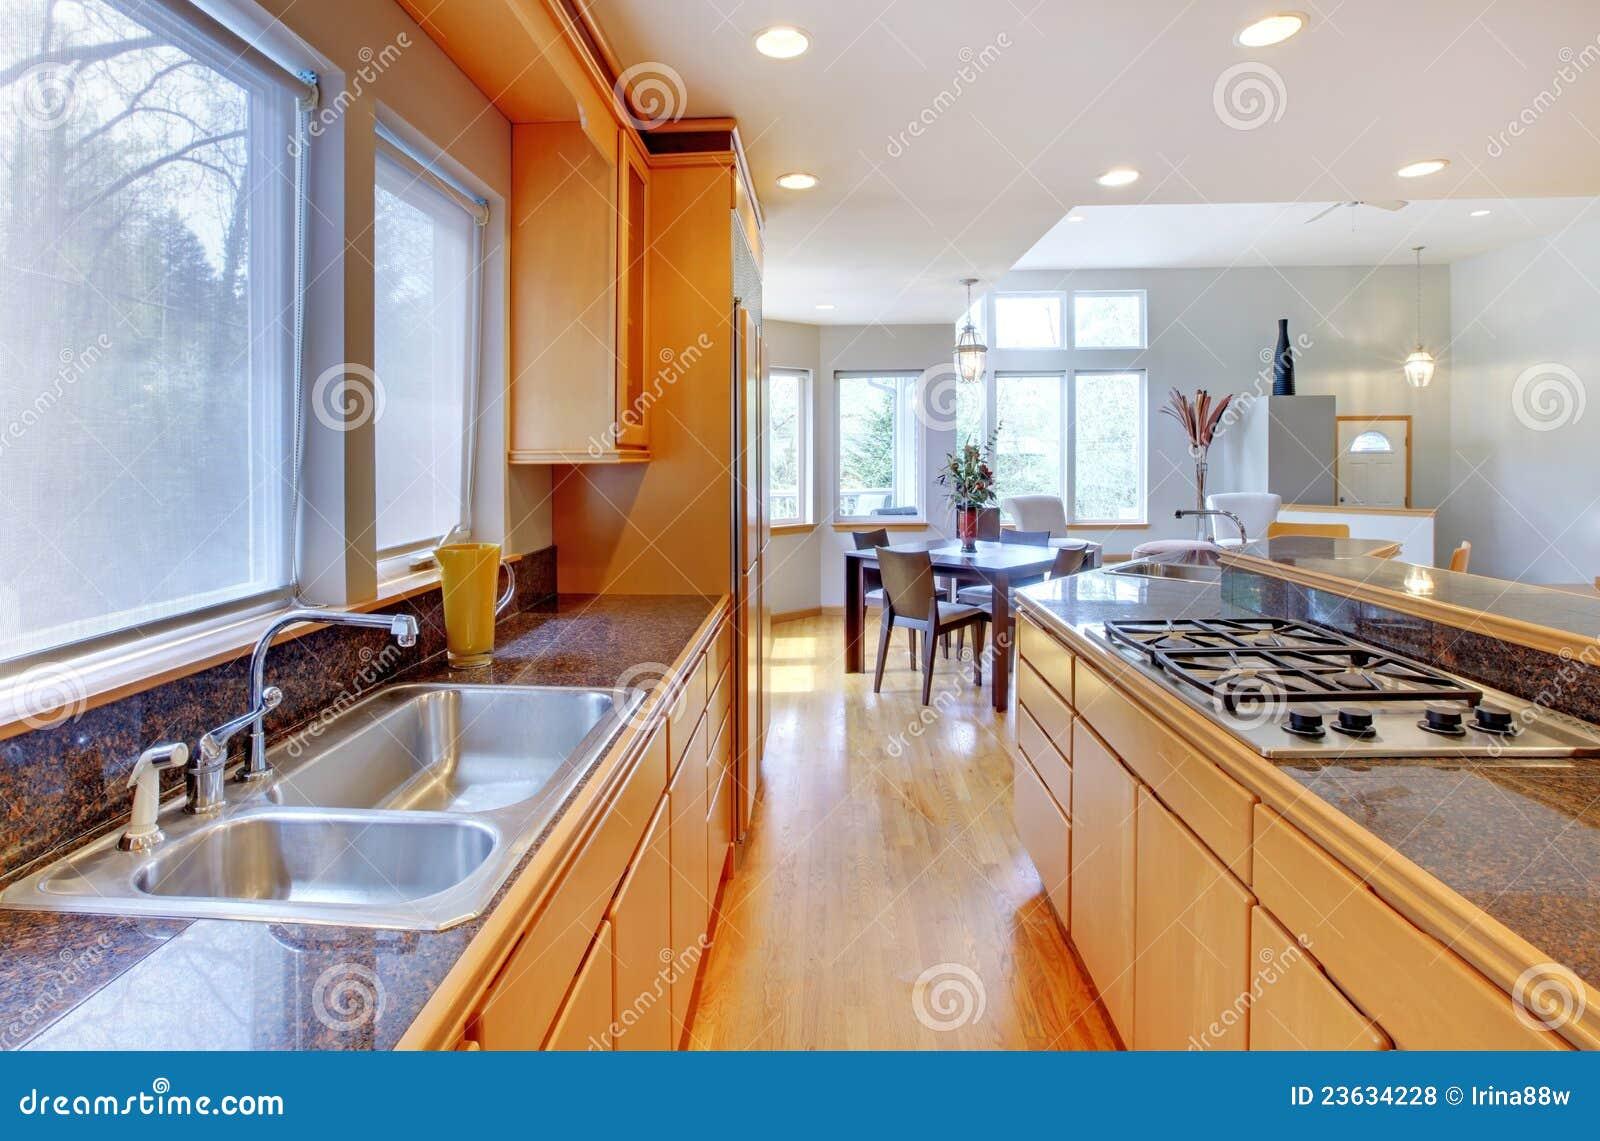 grande cuisine en bois moderne de luxe photos libres de droits image 23634228. Black Bedroom Furniture Sets. Home Design Ideas